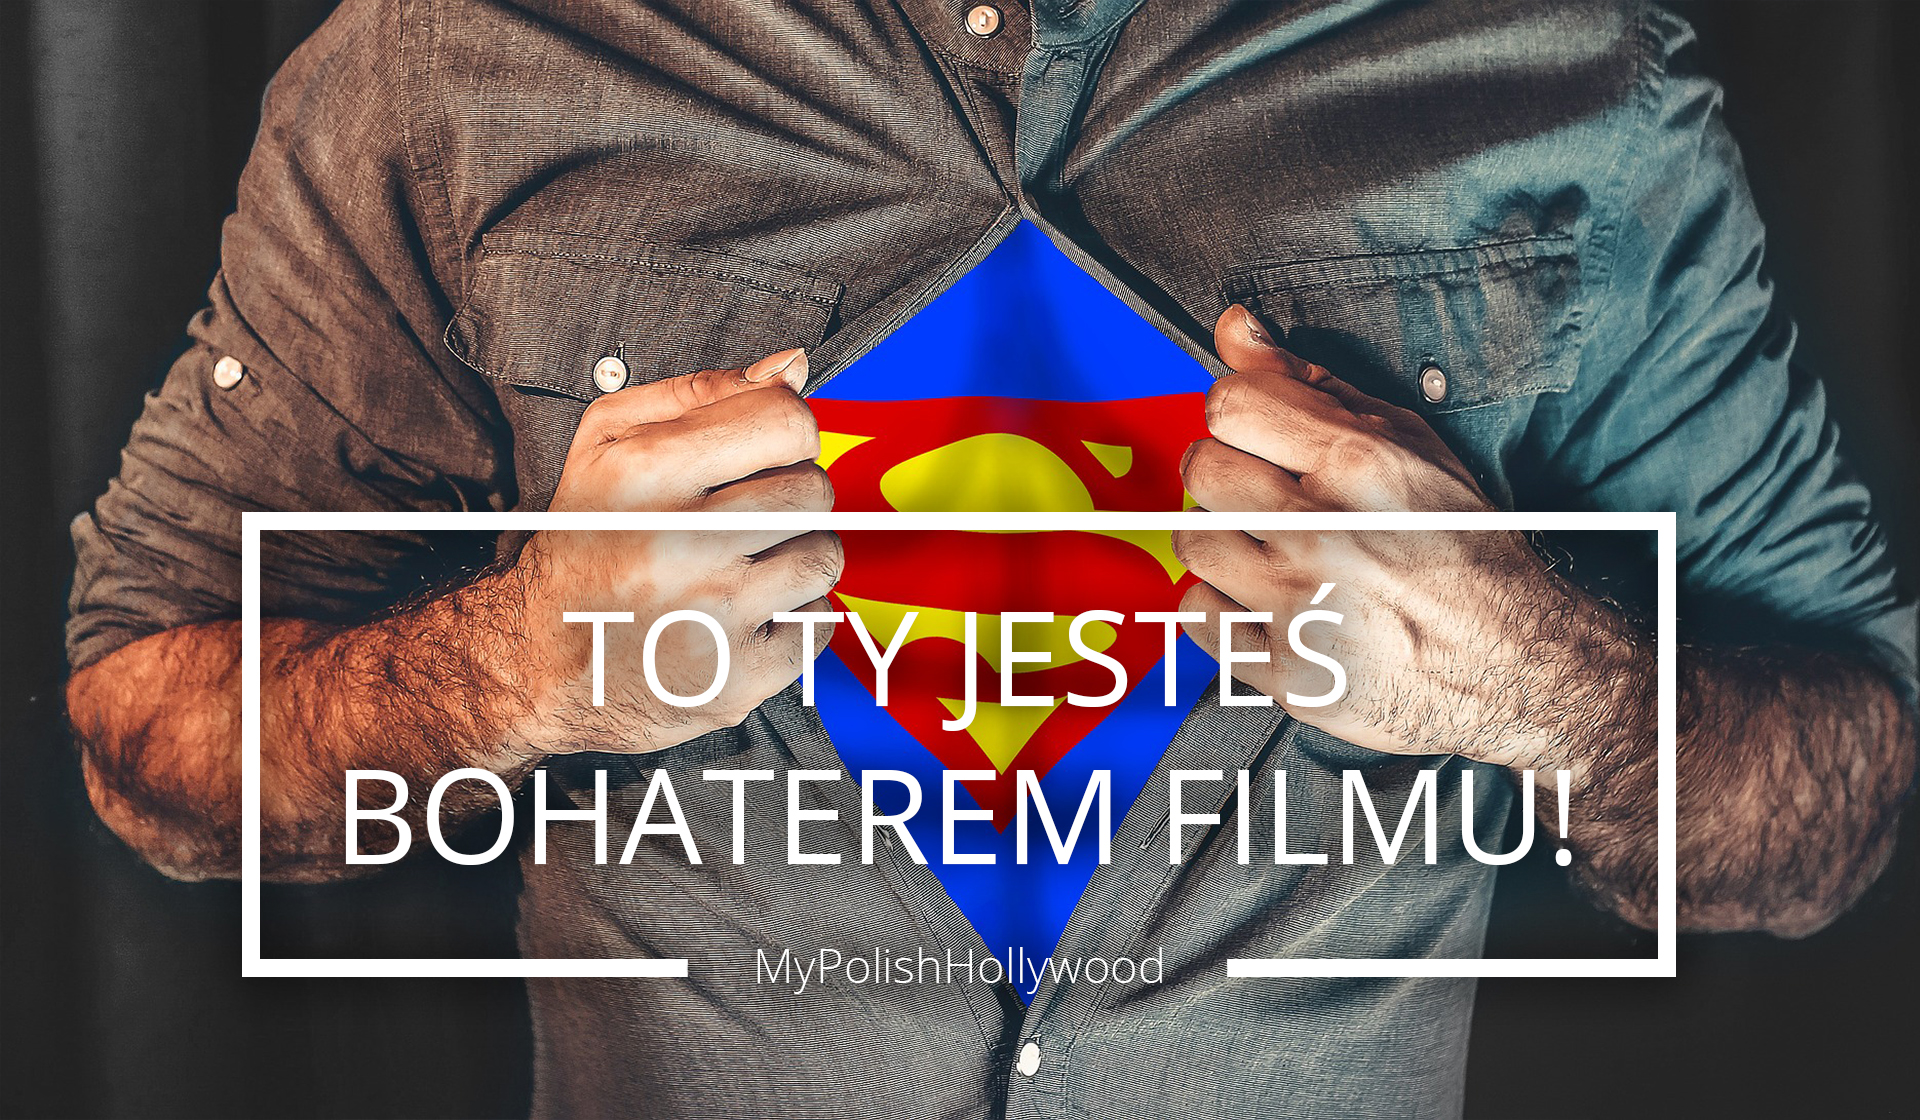 To ty jesteś bohaterem filmu!